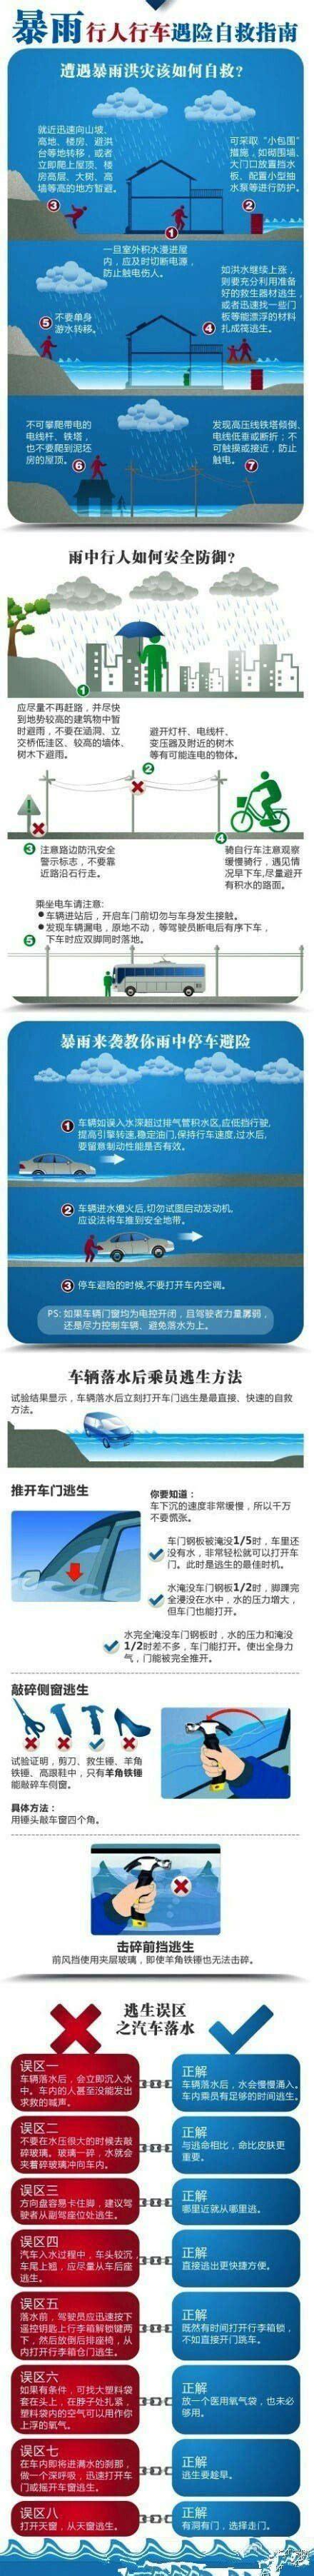 暴雨天行人车辆遇险自救指南 - 广西首页 -中国天气网